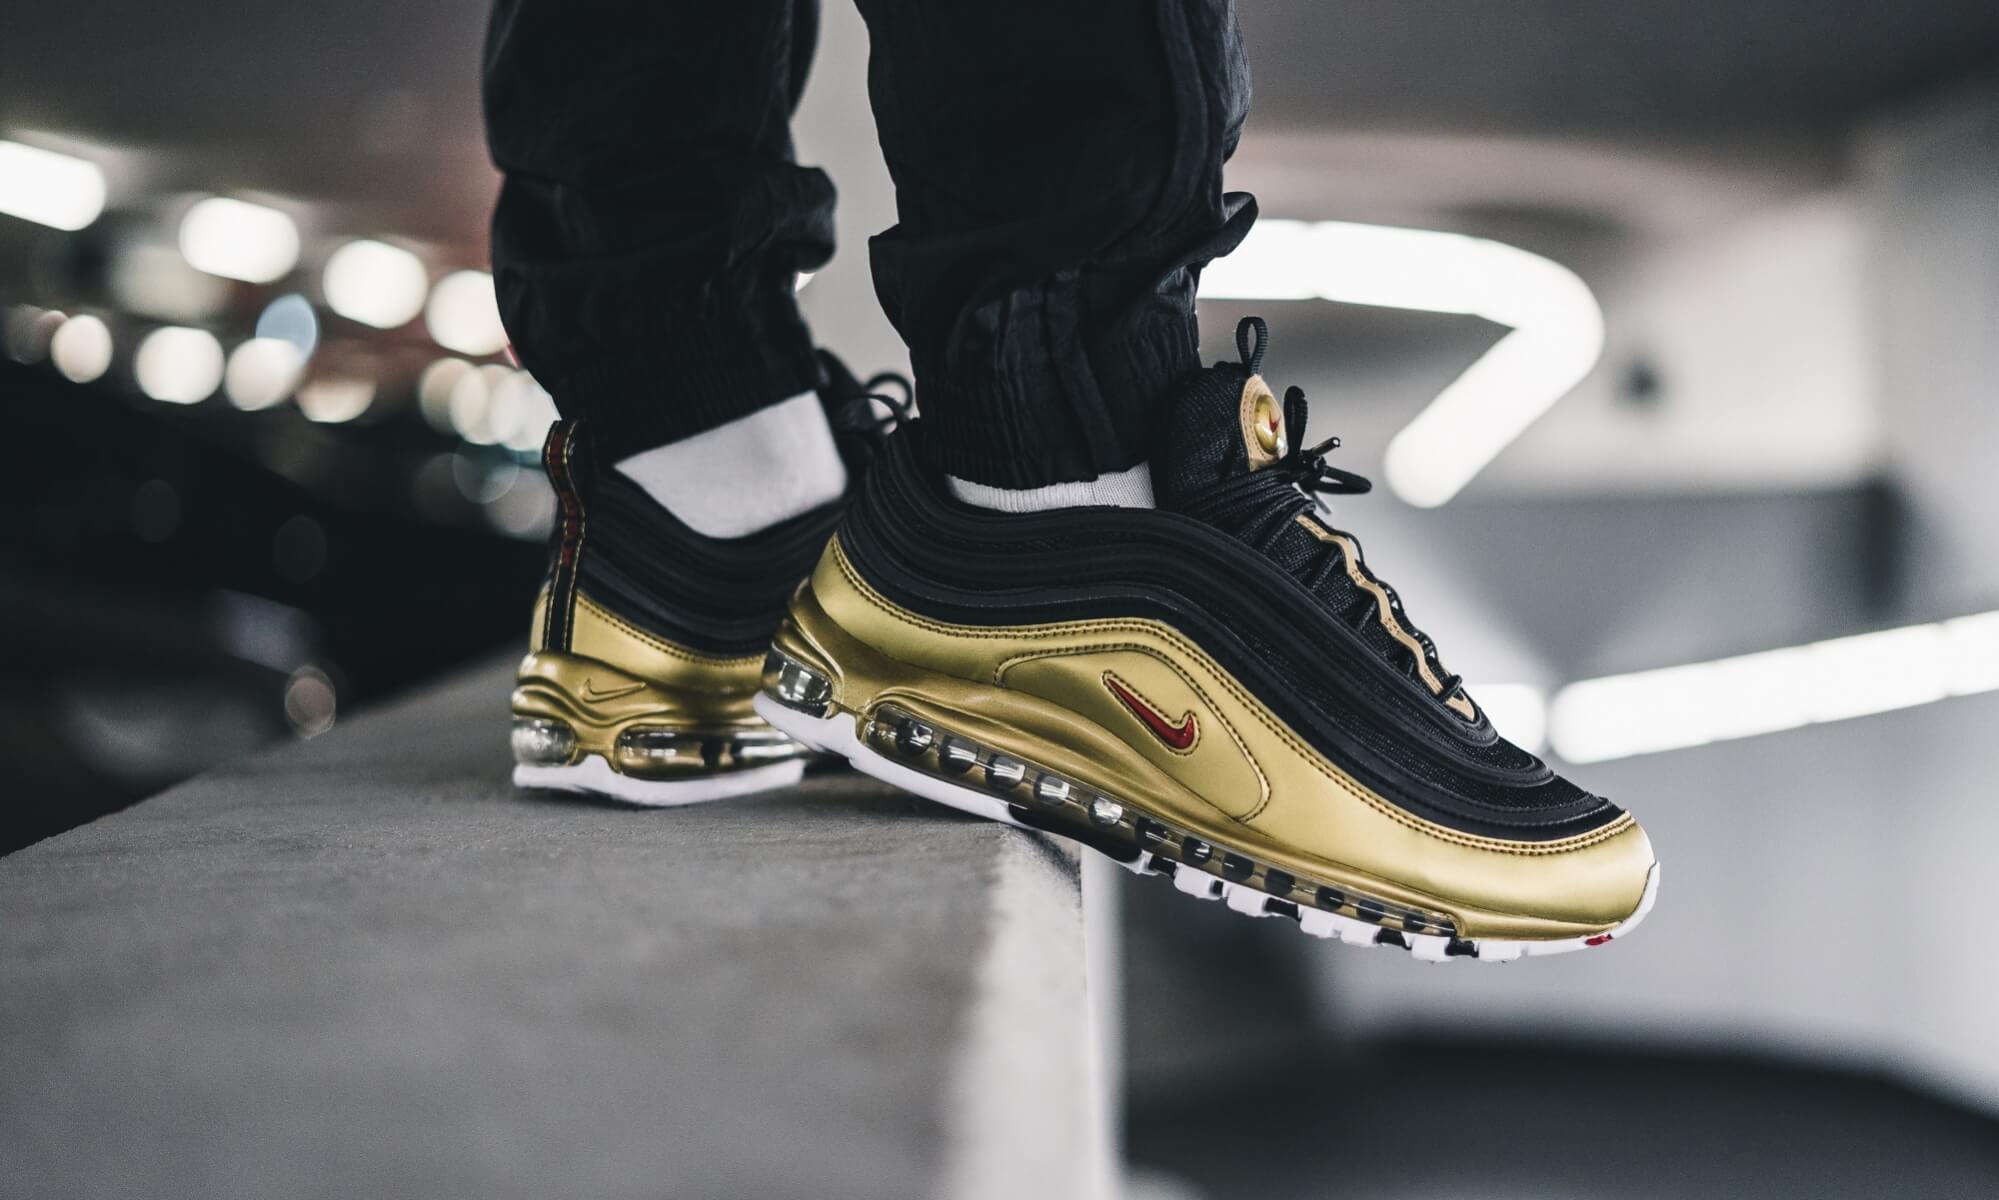 Nike Air Max 97 QS Black Gold AT5458 002